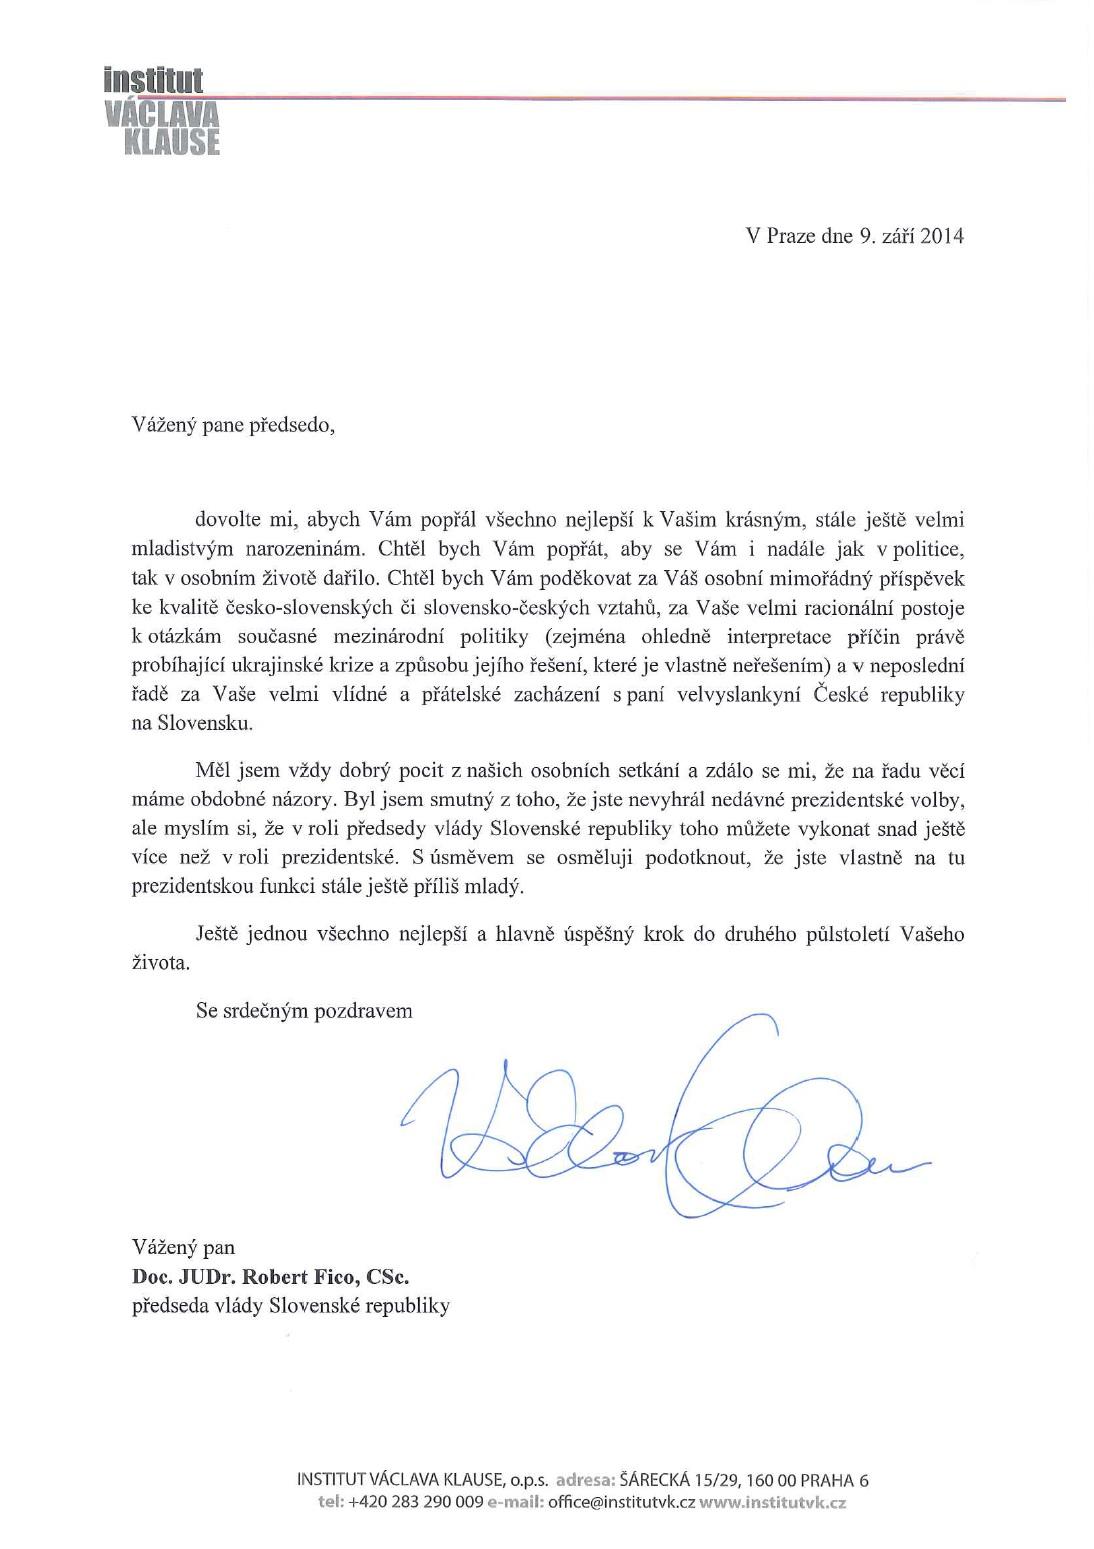 dopis k narozeninám Blahopřejný dopis Václava Klause Robertu Ficovi k narozeninám  dopis k narozeninám